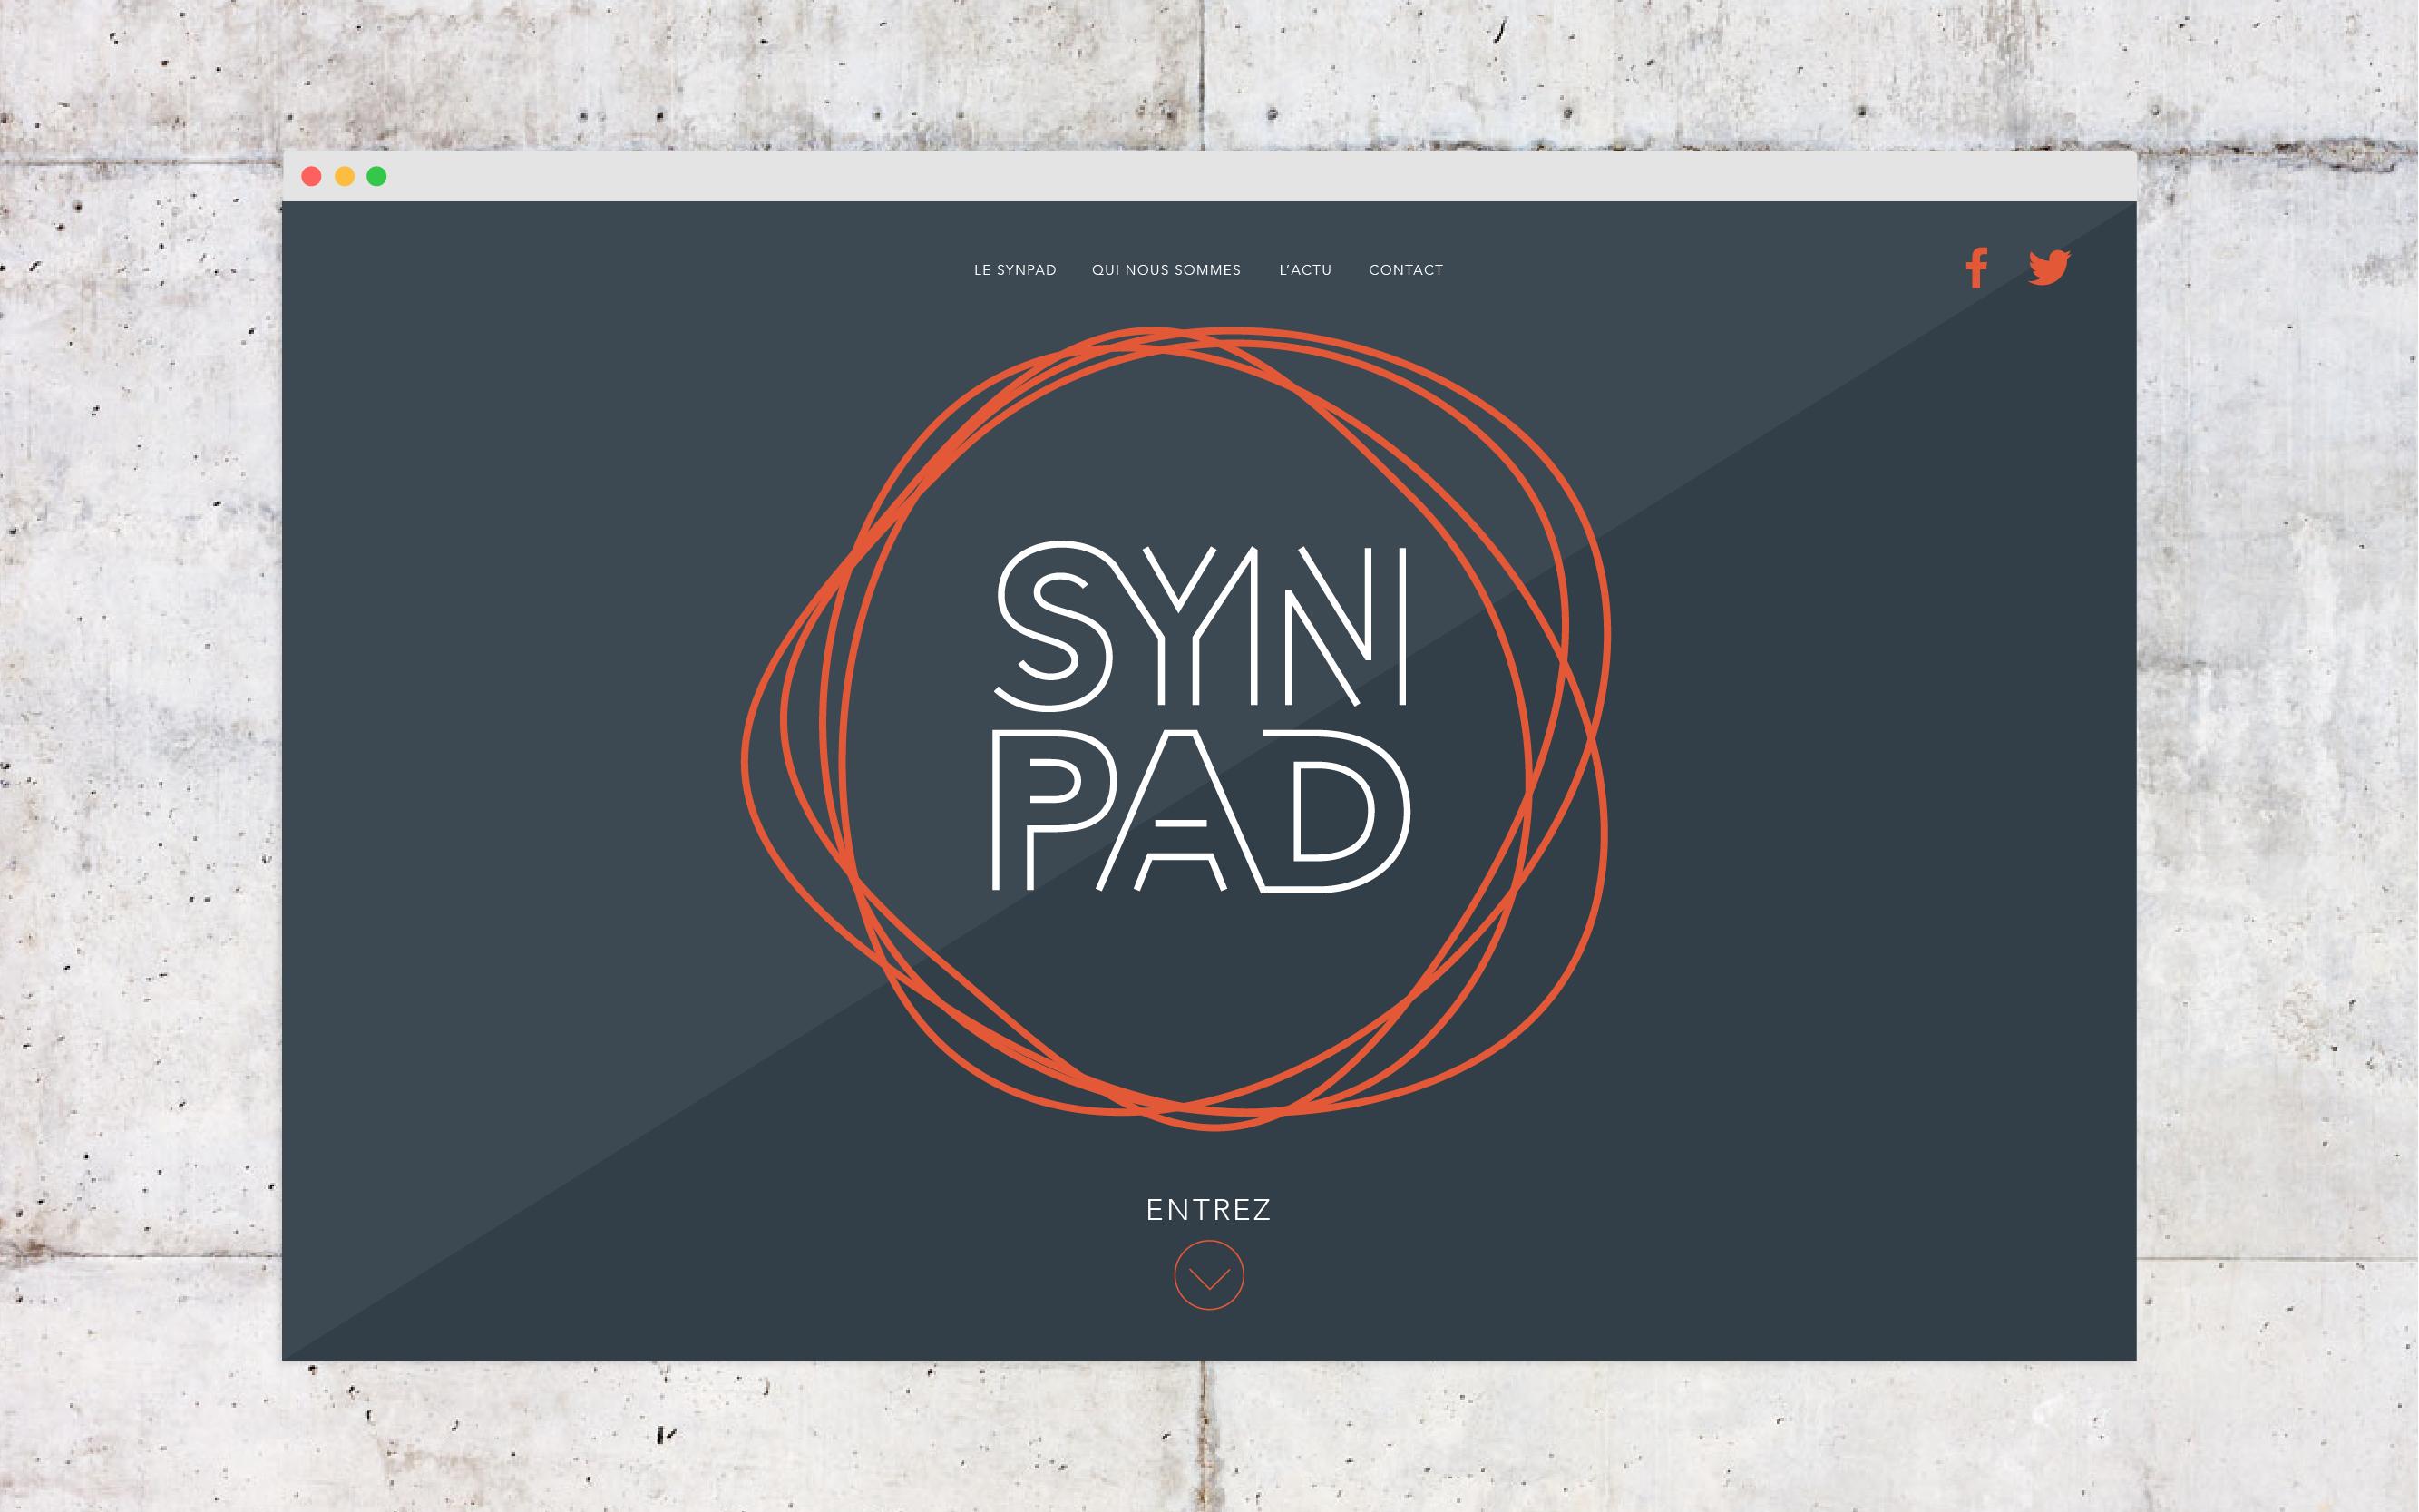 synpad_prez_web-03